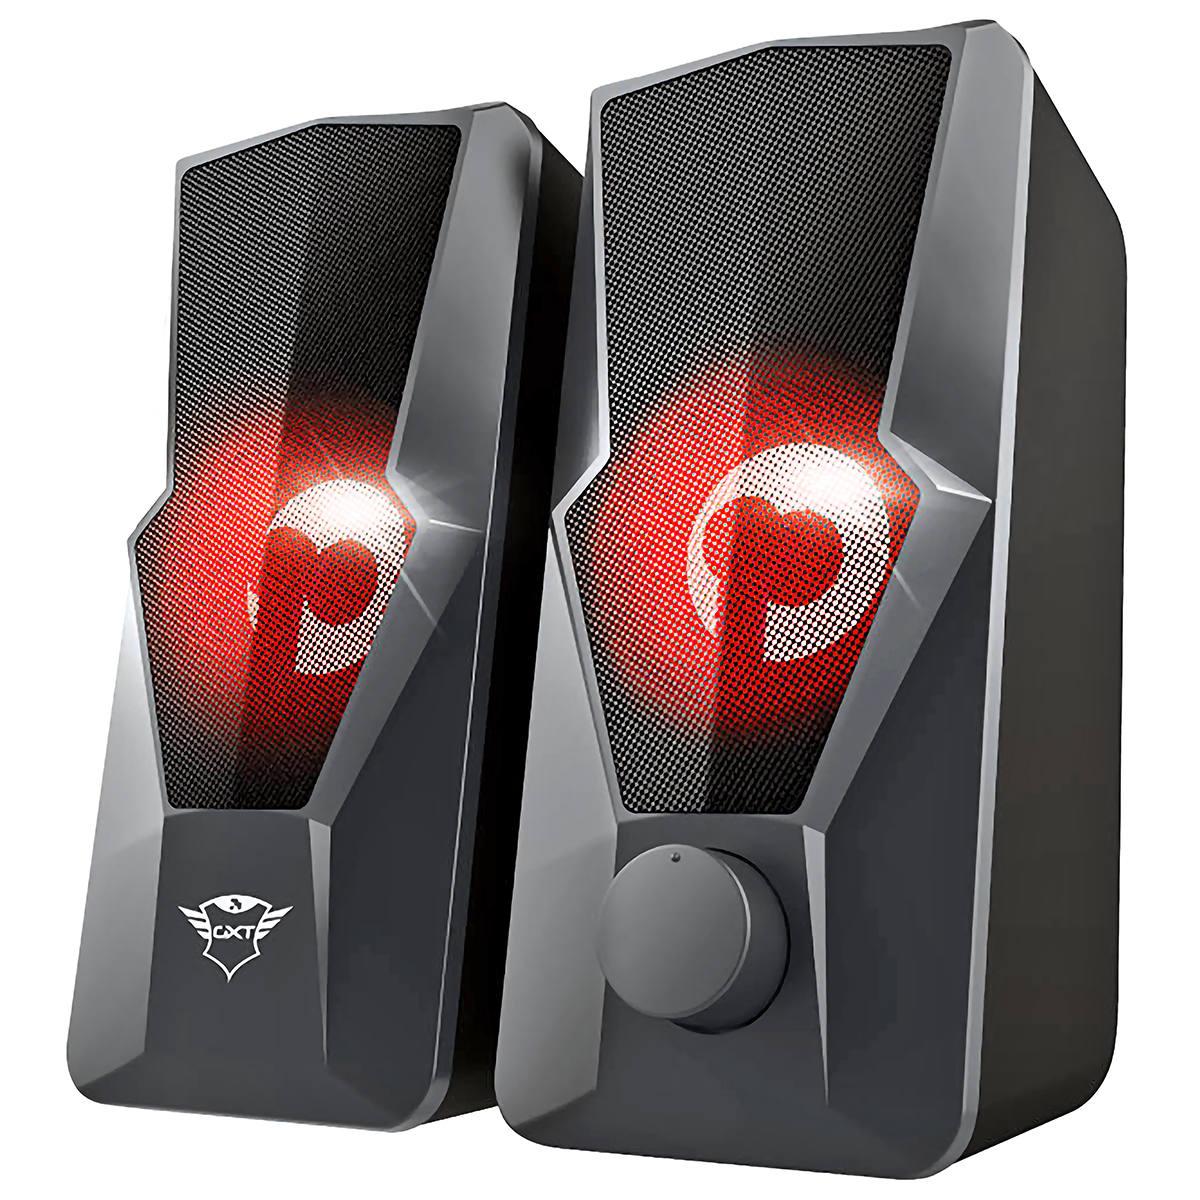 Caixa de Som Argus Illuminated 2.0 USB 20W Design Robusto Iluminação LED Pulsante no Ritmo da Música Trust GXT 610